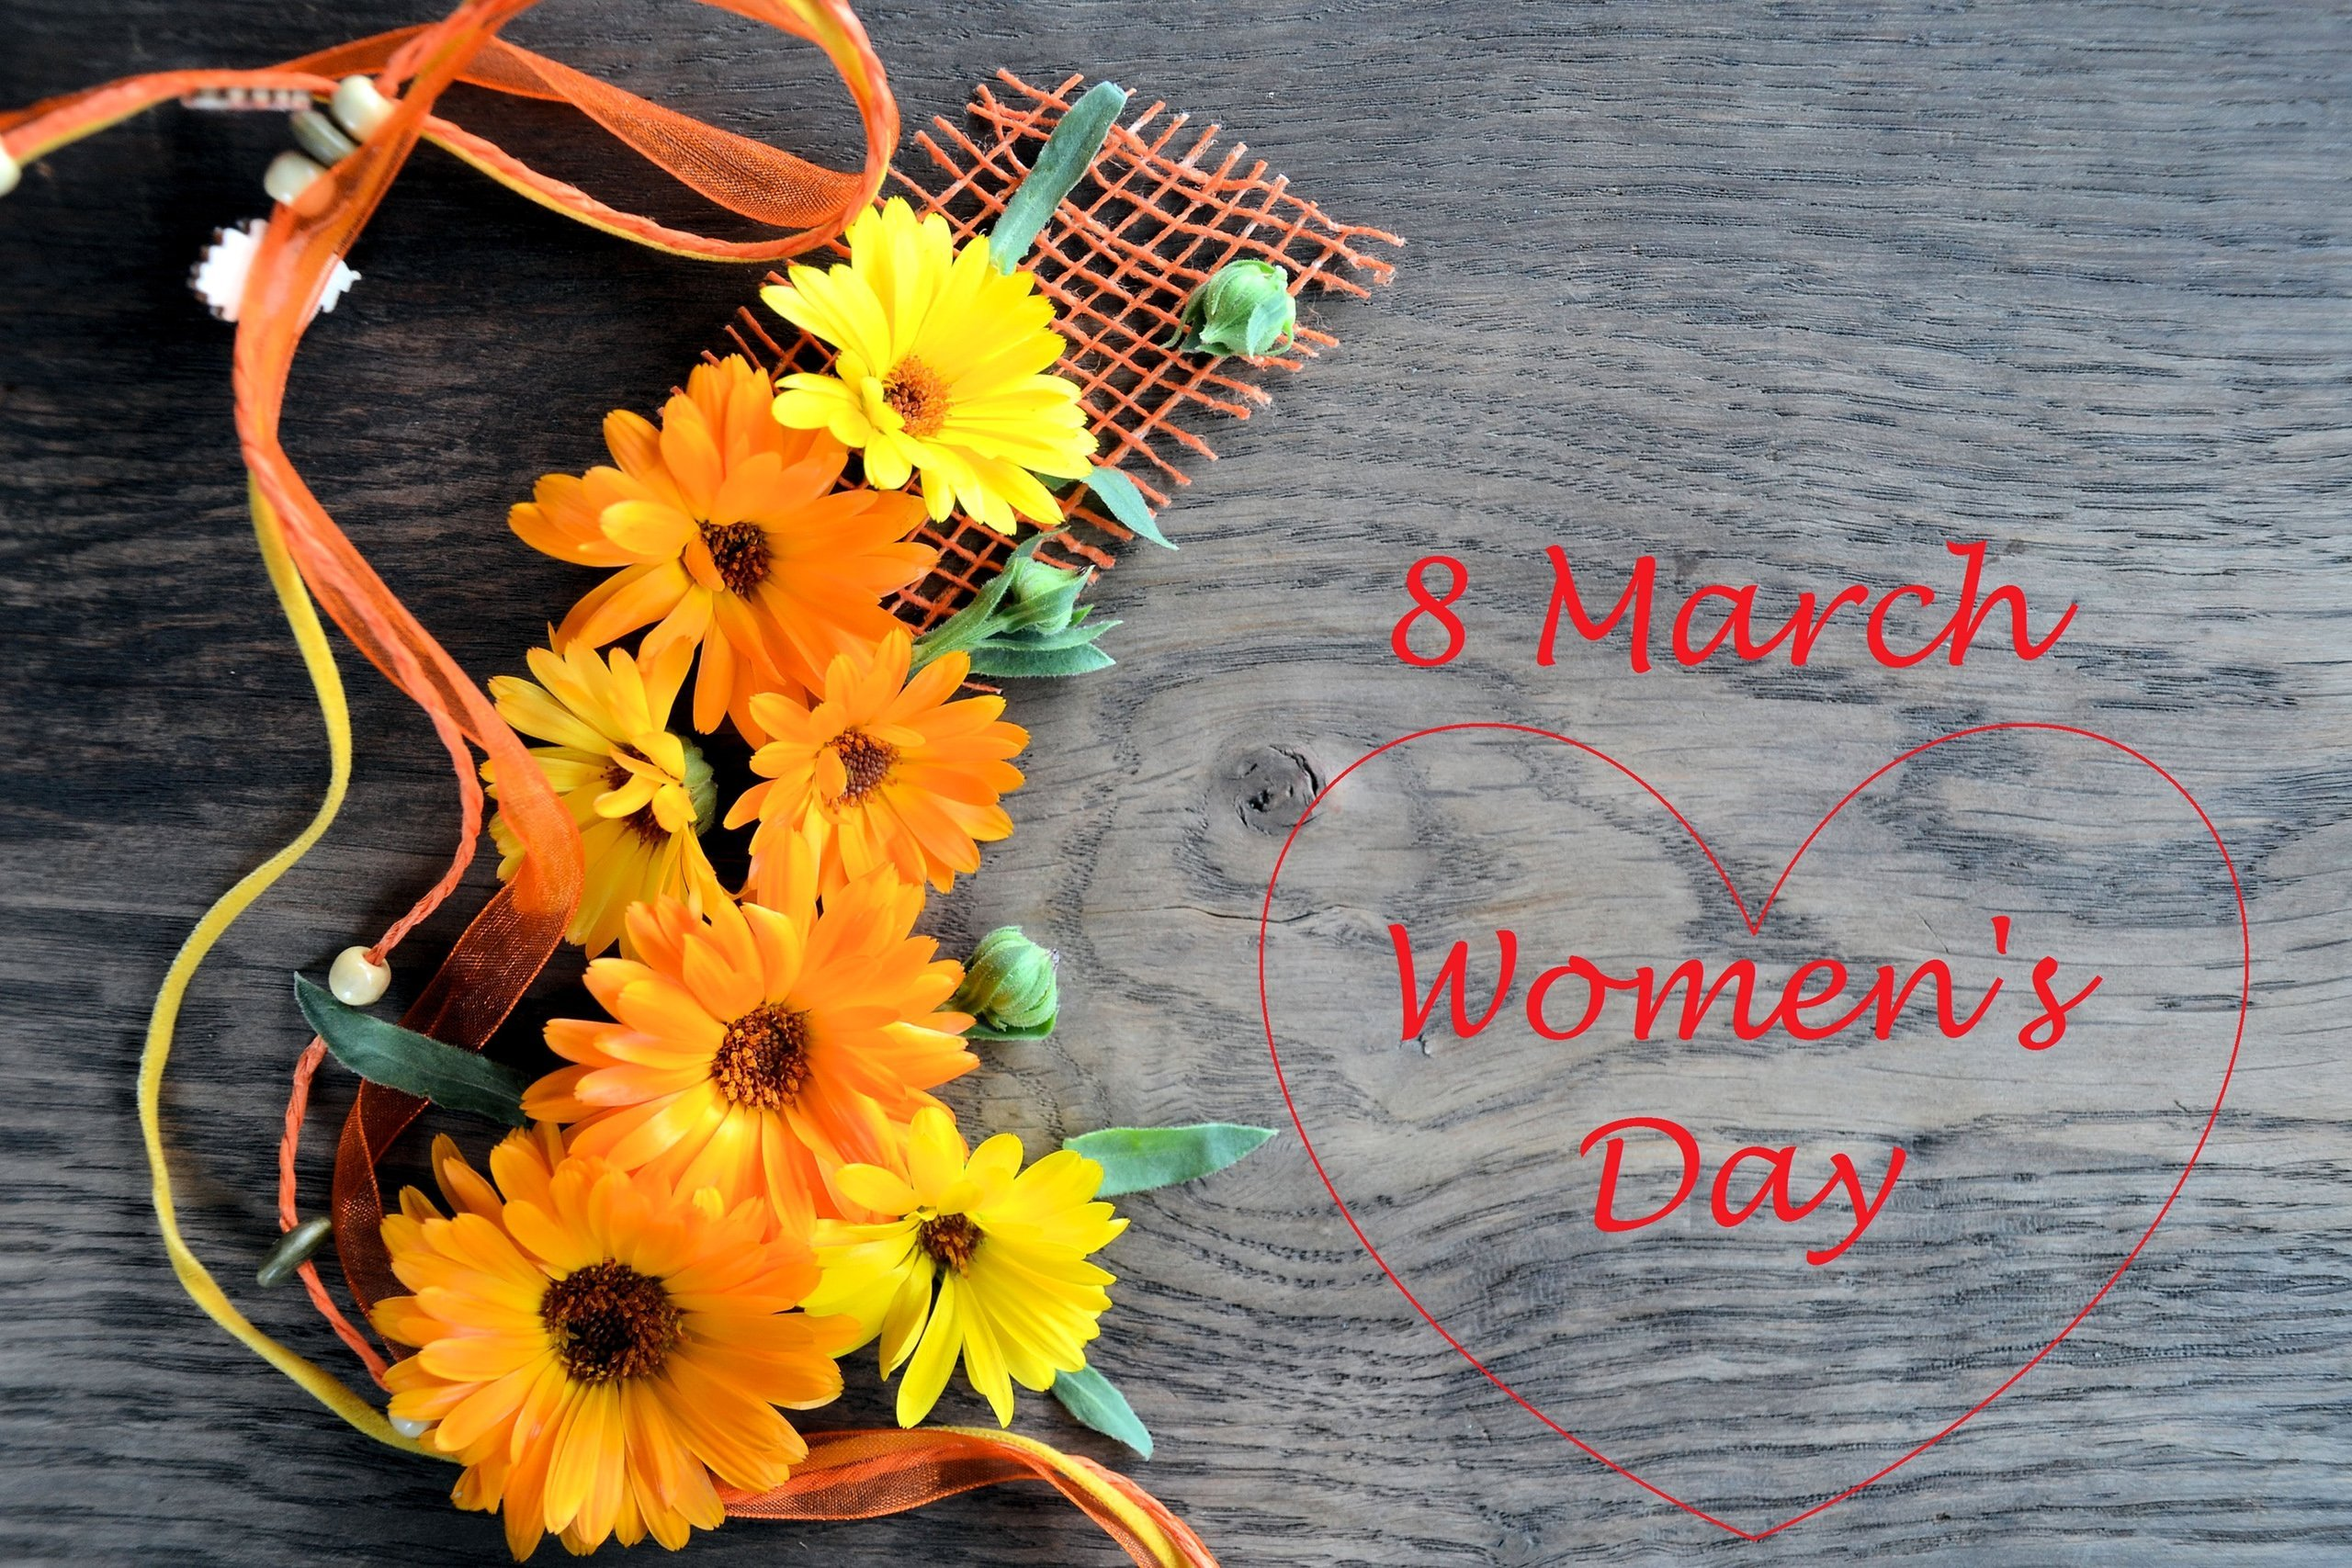 Вітання з 8 березня: кращі побажання і яскраві листівки